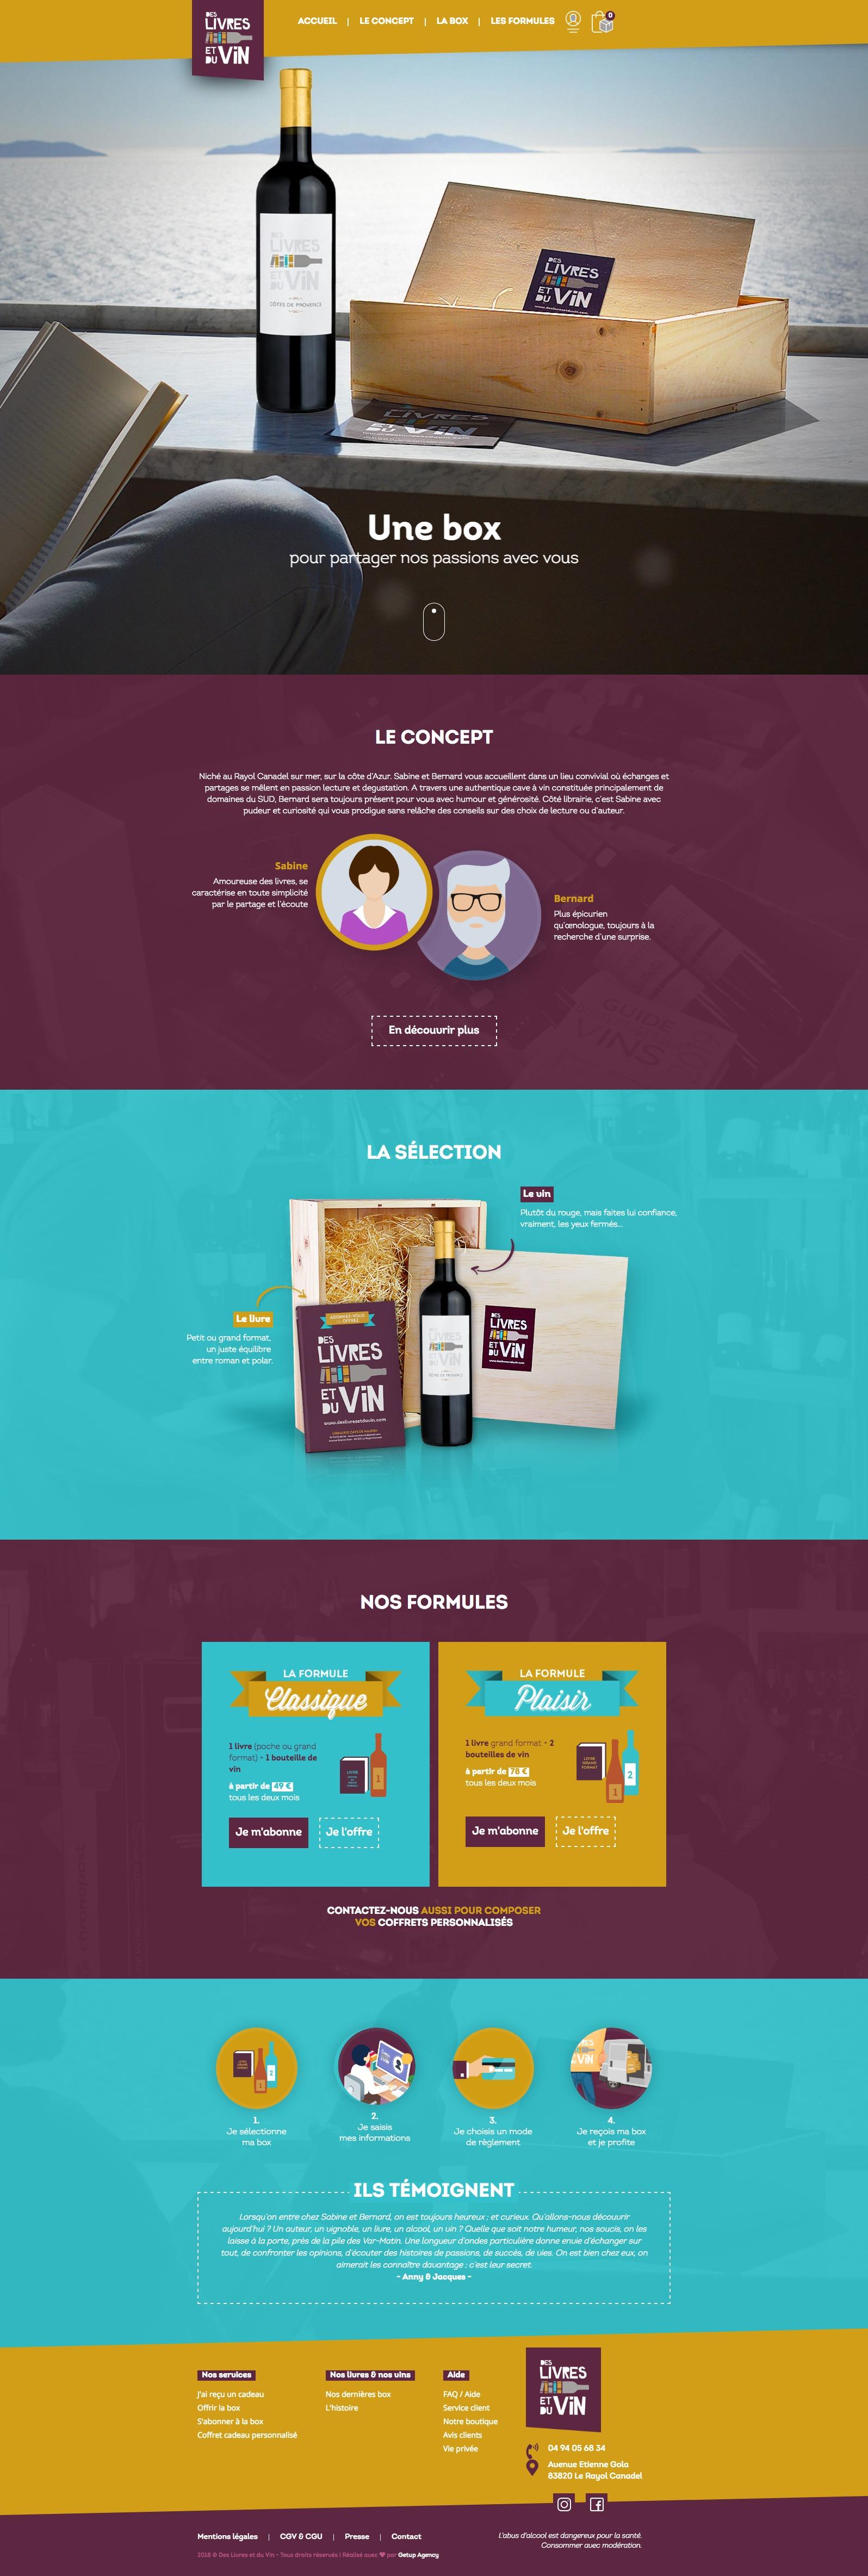 FireShot Capture - Des livres et du vin I Une box pour partage_ - https___www.deslivresetduvin.com_#.jpg